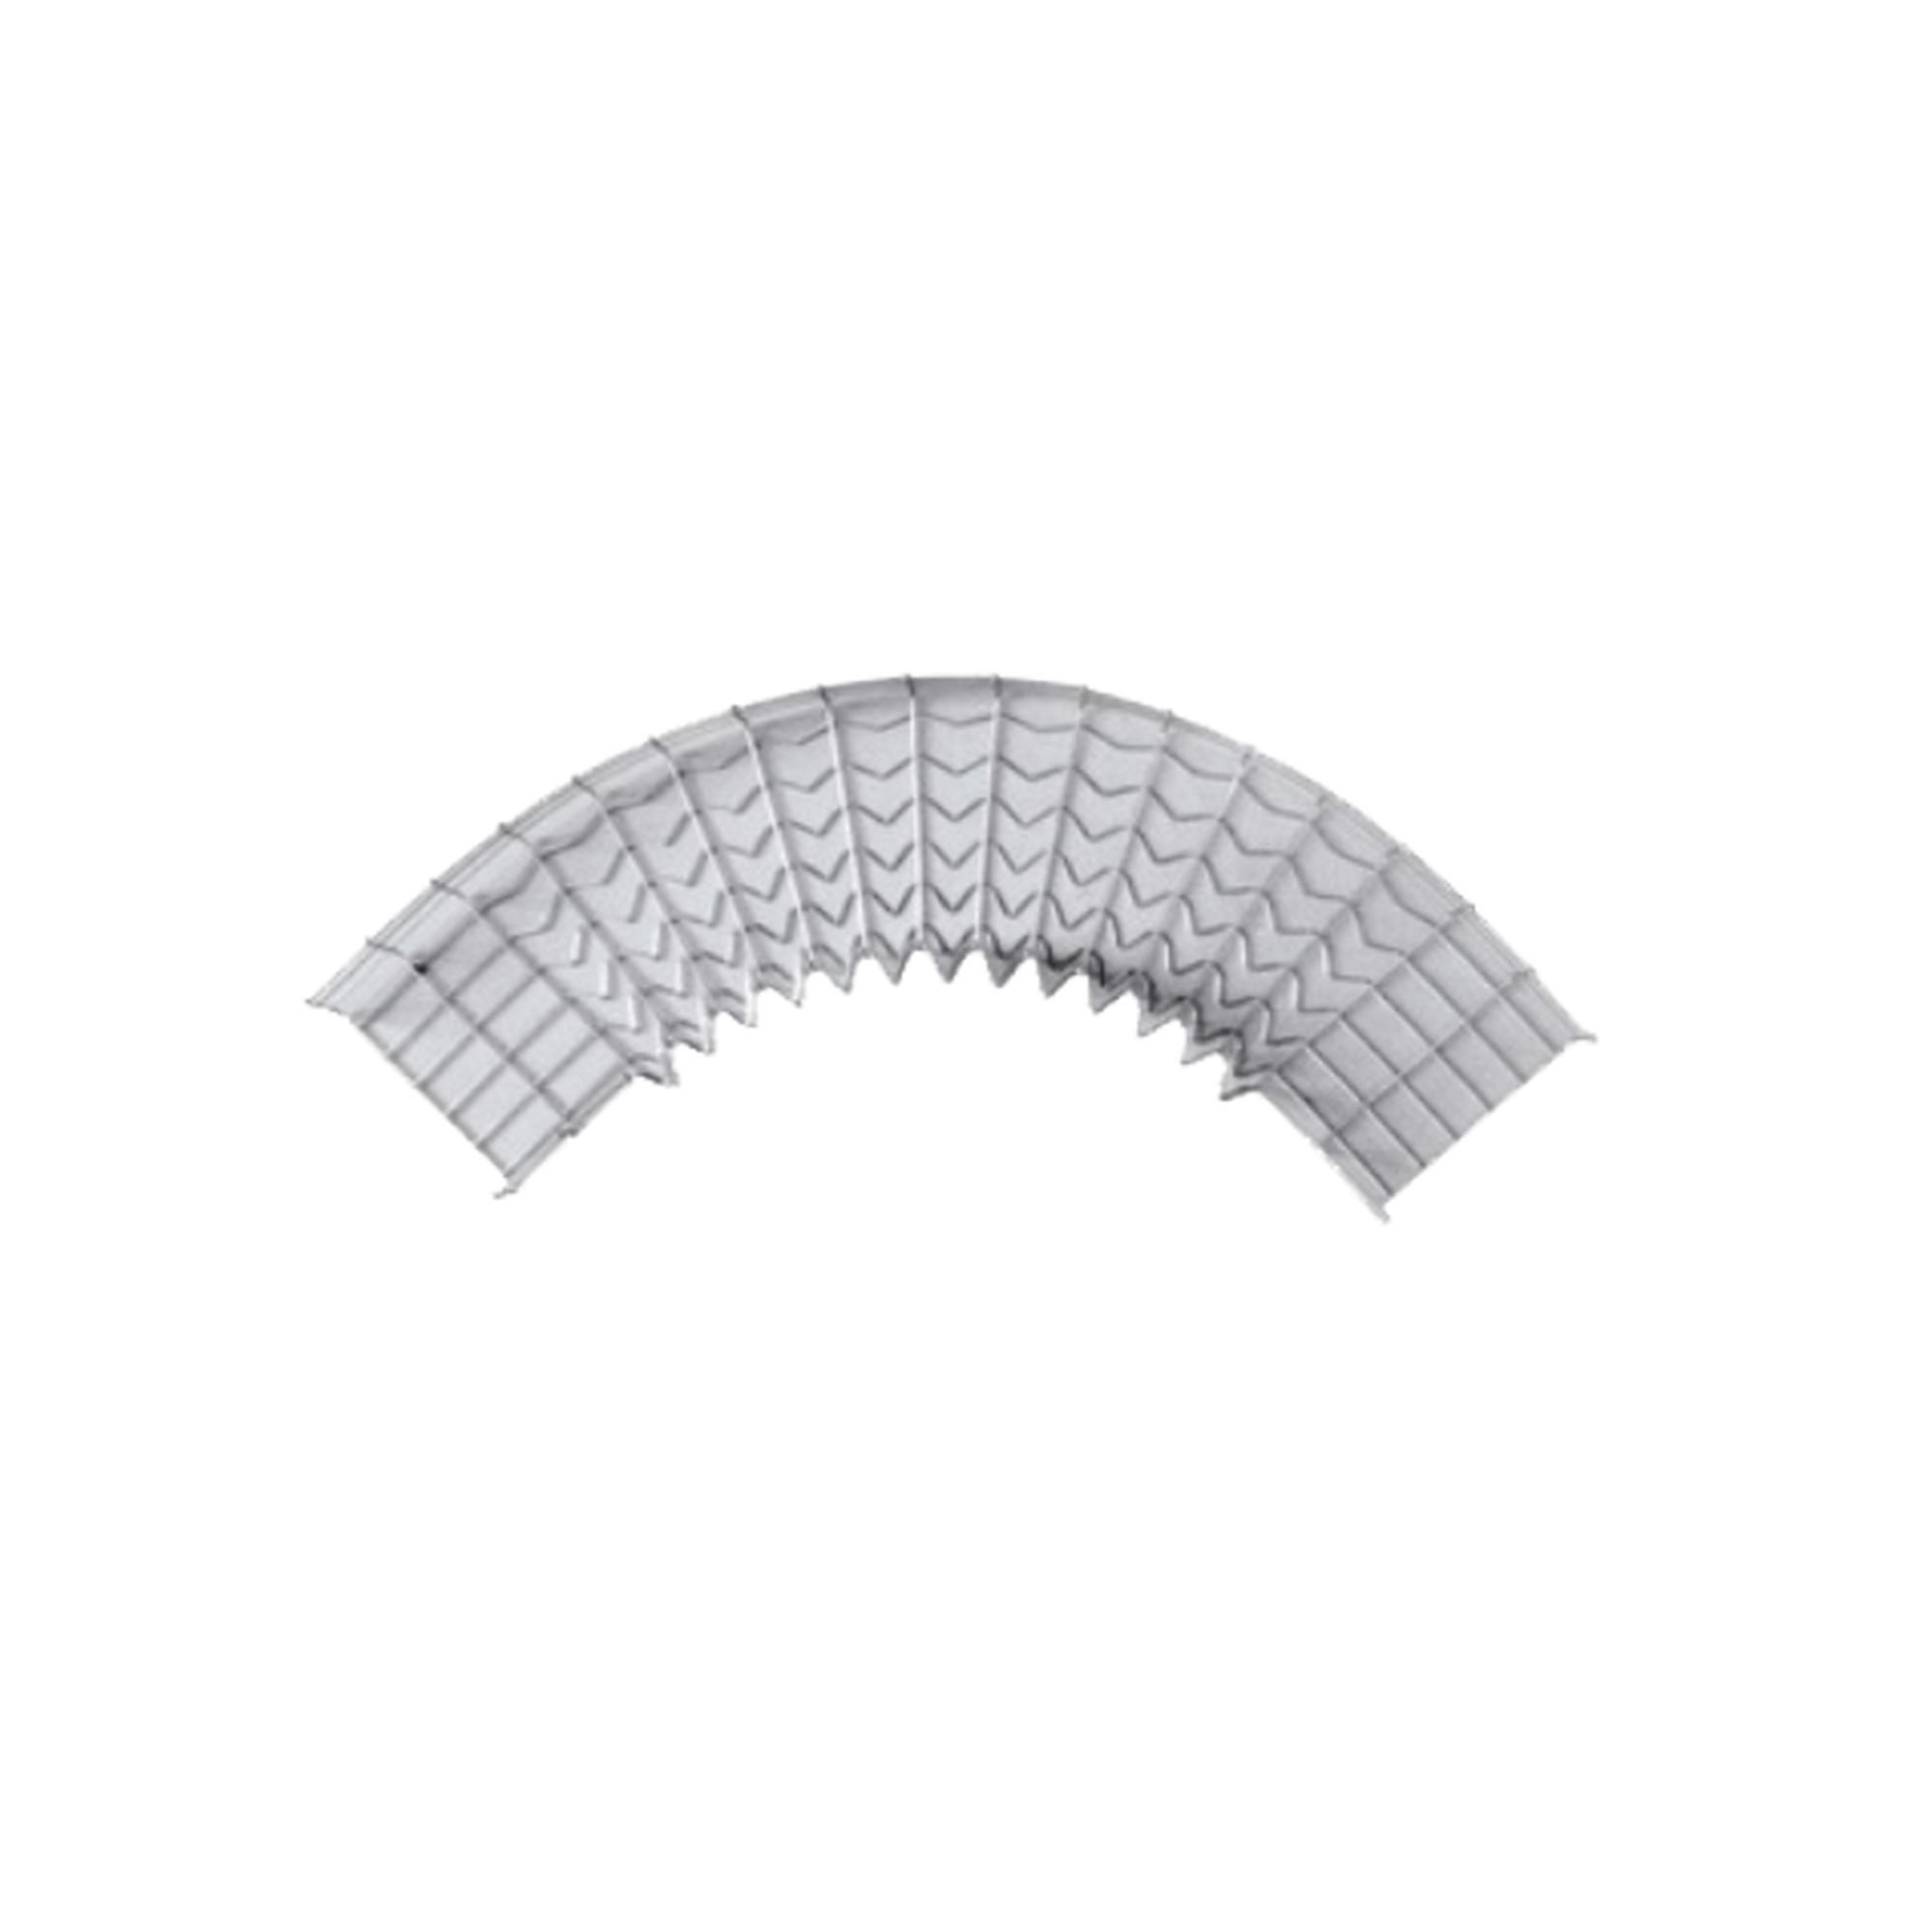 Curva pre-fabricada de 90 grados 54/300 mm de ancho